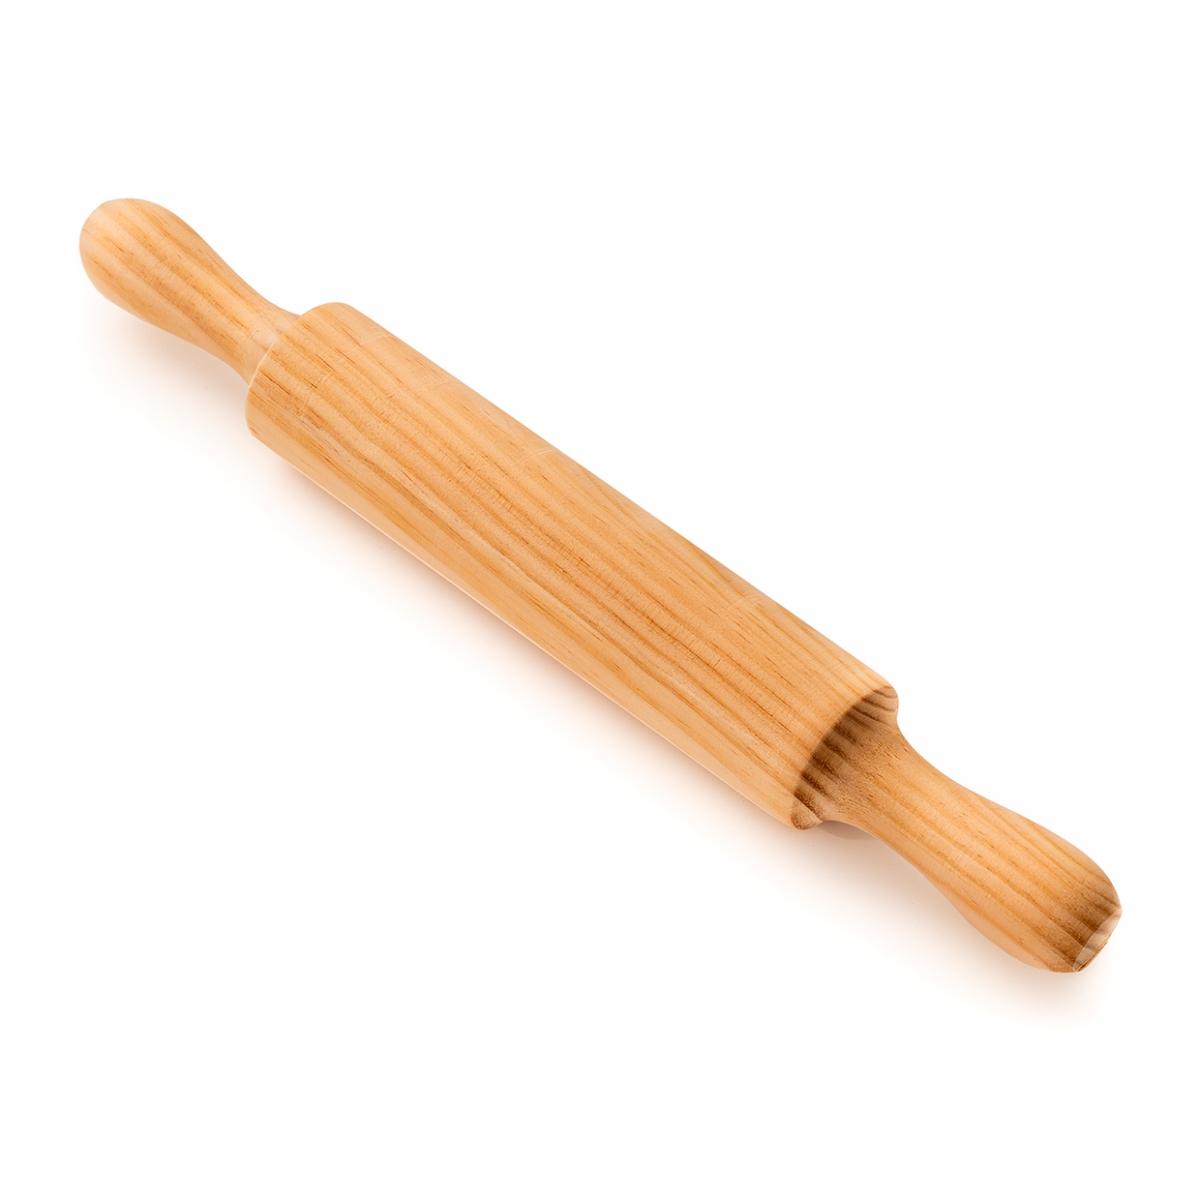 Imagen en la que se ve un rodillo de madera para amasar